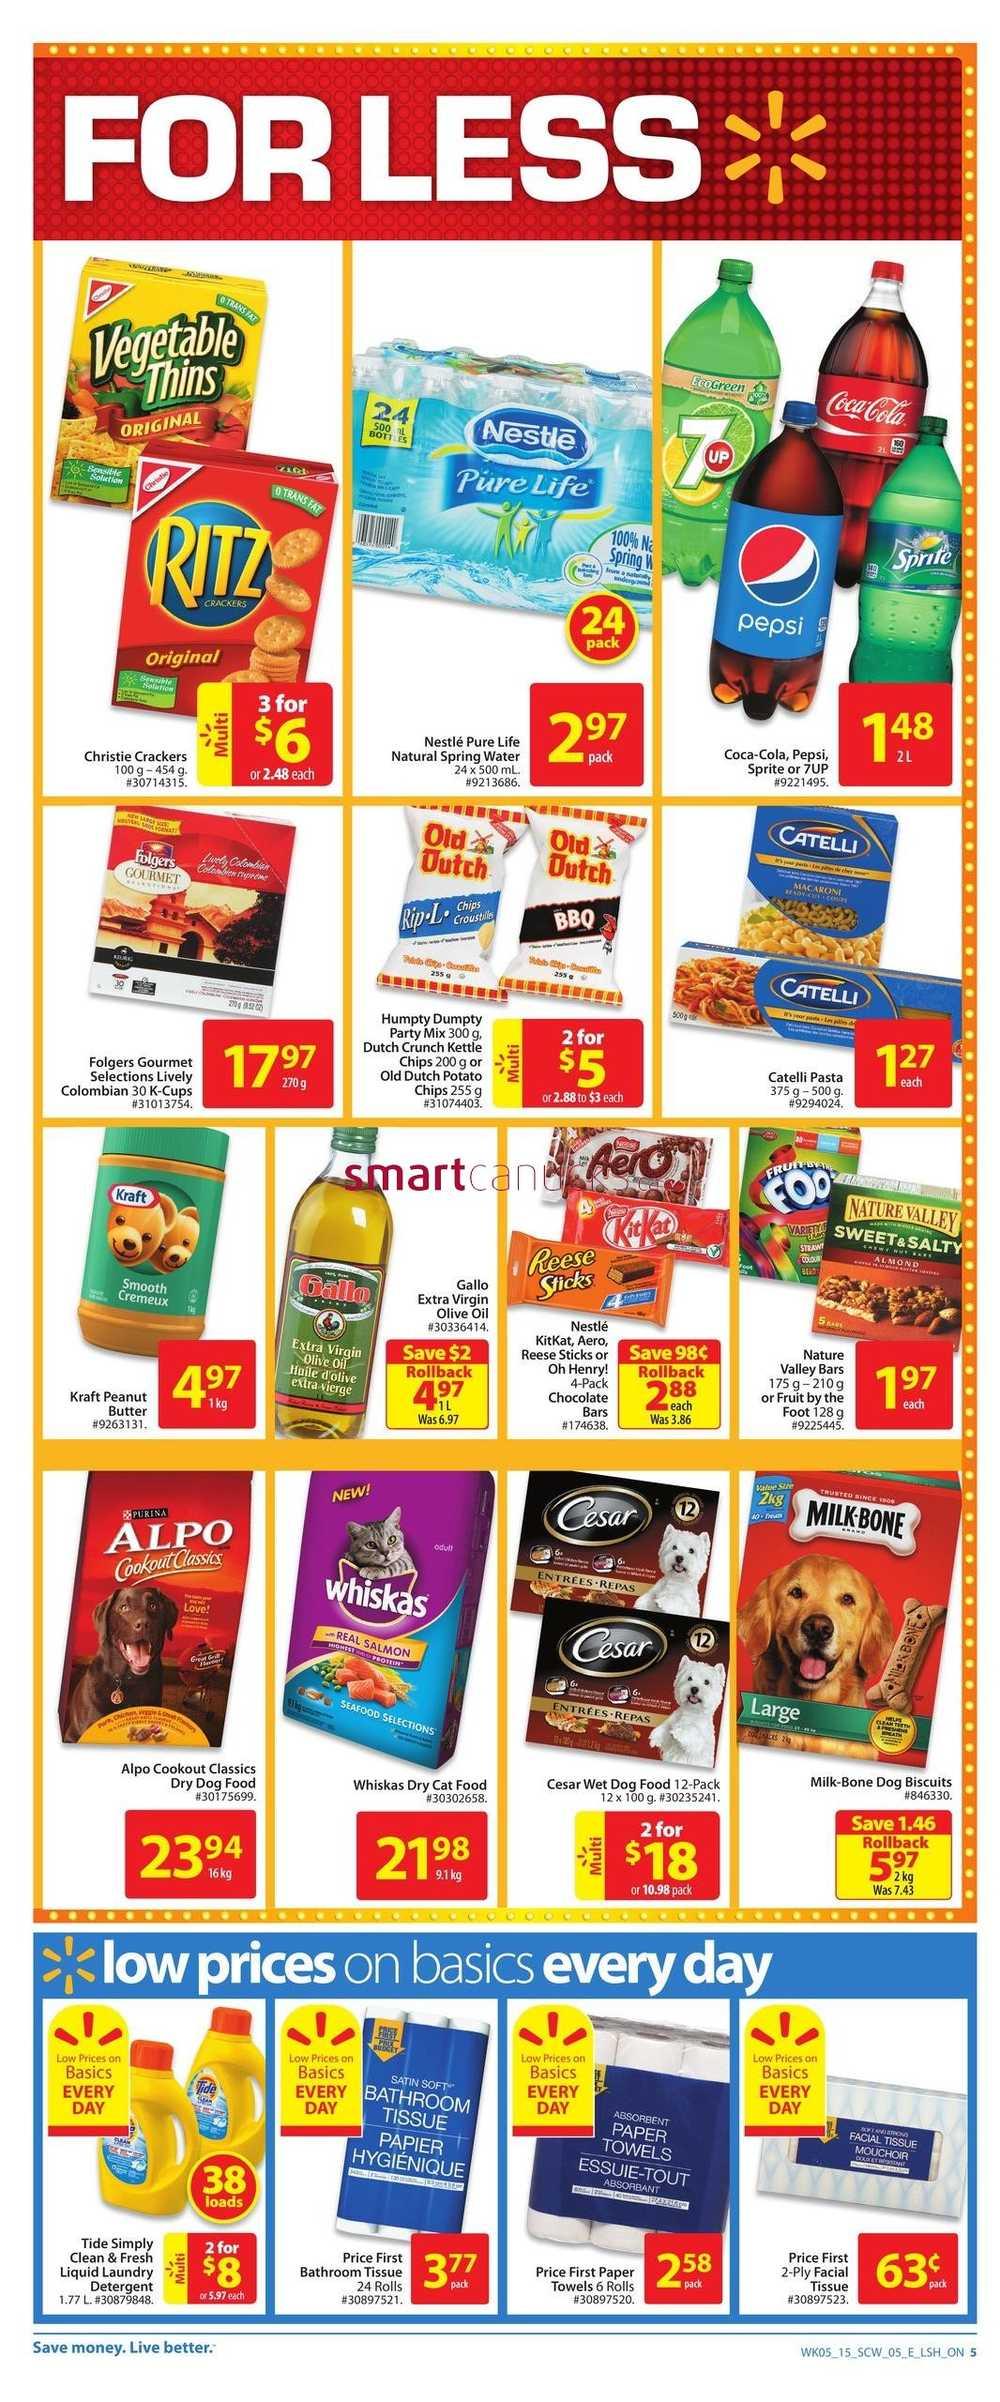 Walmart online coupons codes 2018